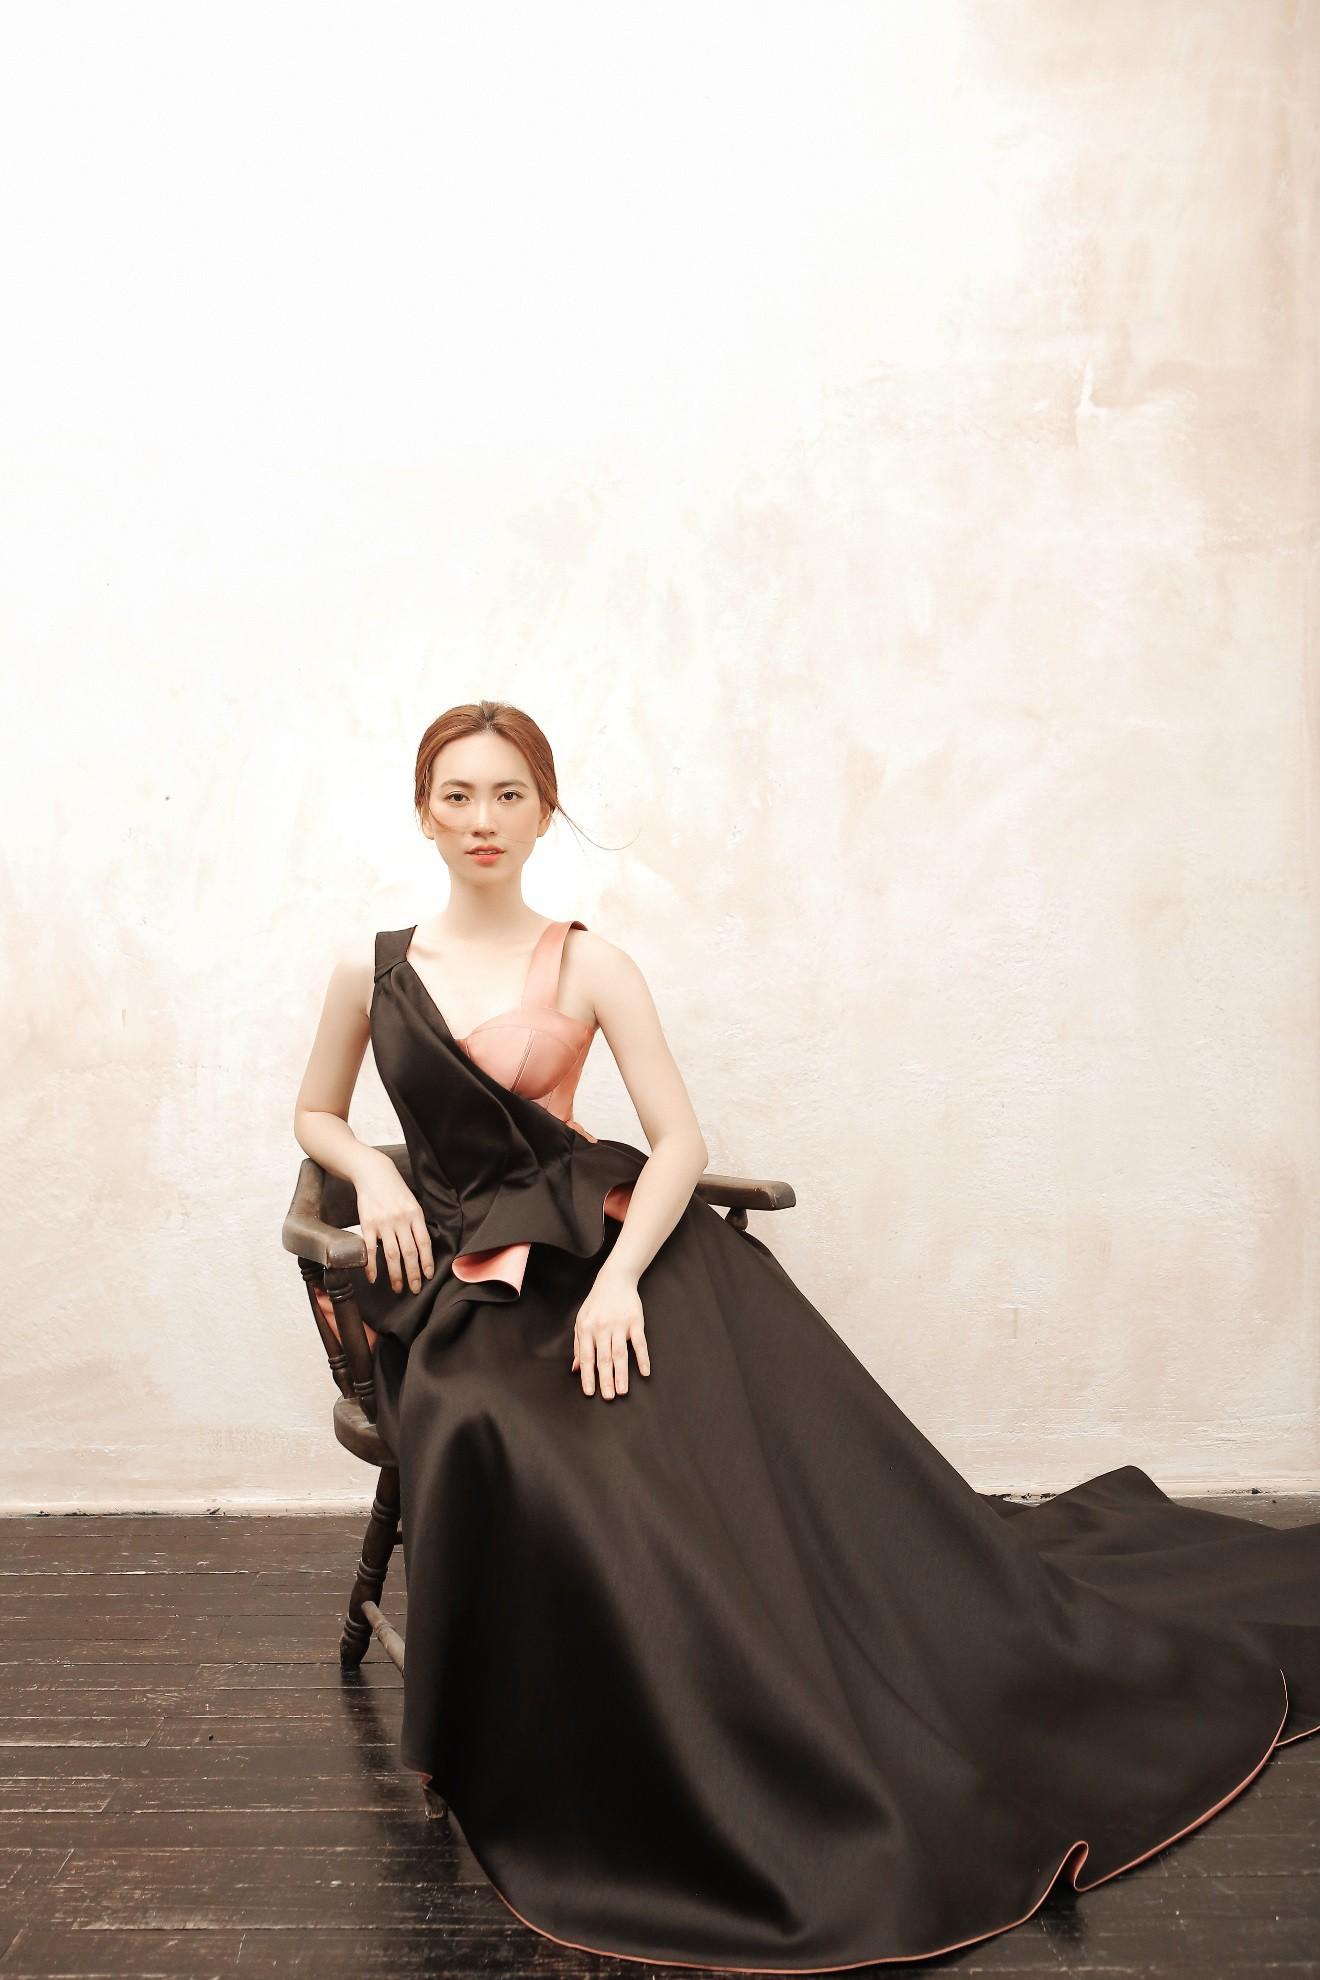 """Sau """"Chàng vợ của em"""", Phương Anh Đào đầy xinh đẹp, cuốn hút trong BST từng xuất hiện trên Vogue của PHUONG MY - Ảnh 10."""